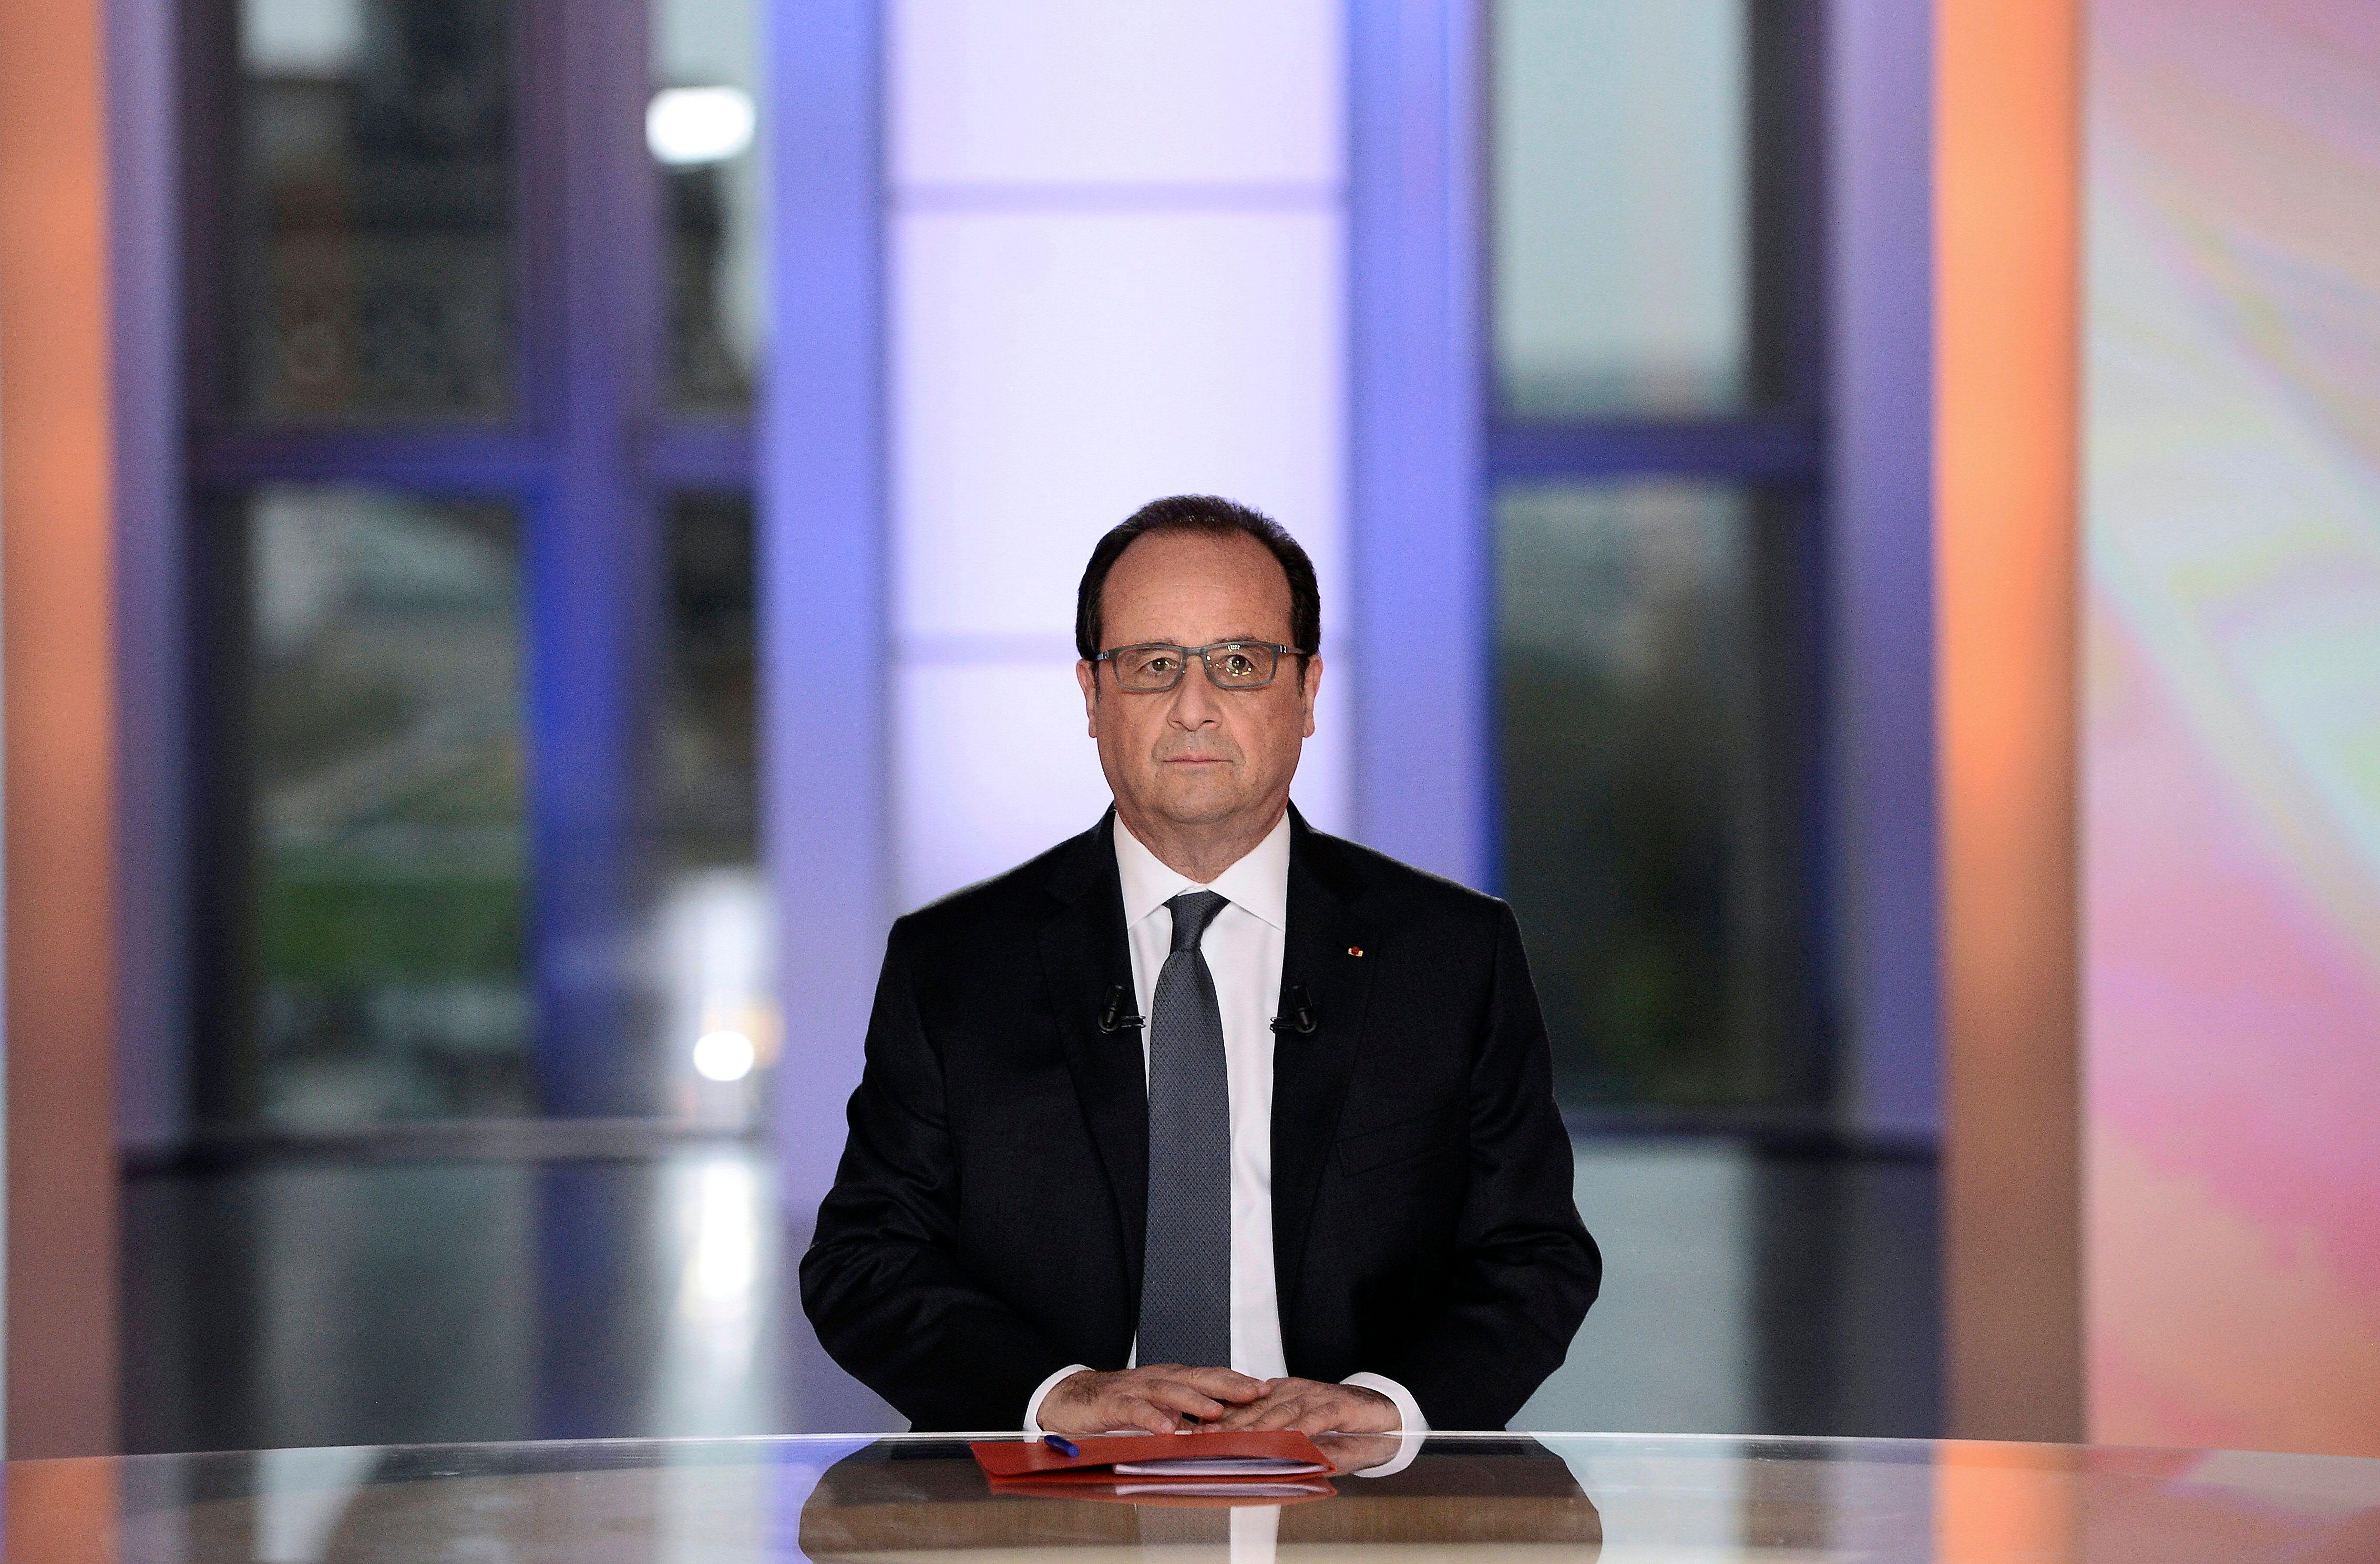 Chômage, Europe, 2017… ce qu'il faut retenir de l'interview de François Hollande